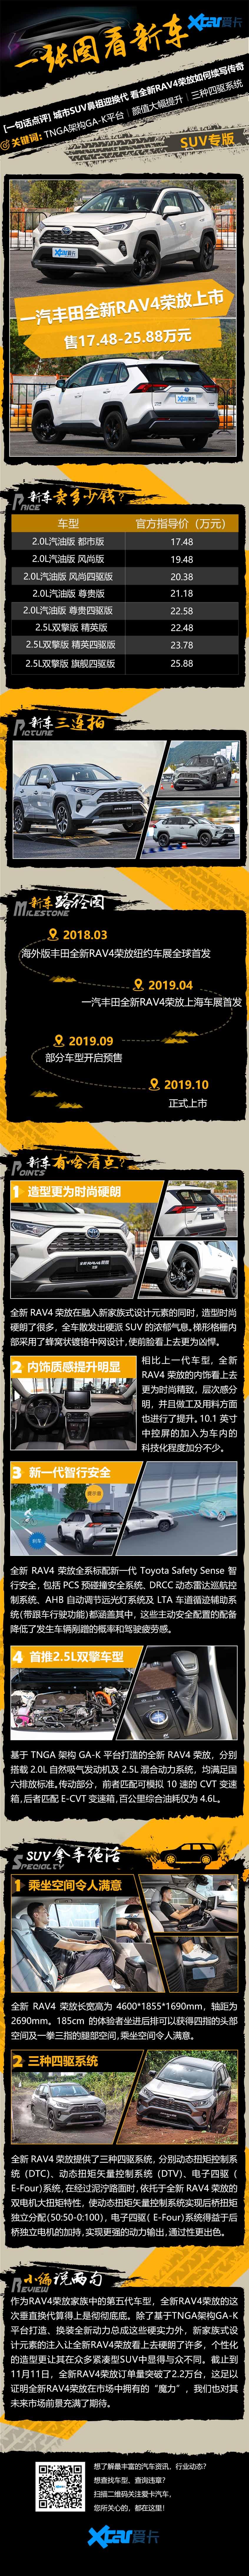 全新RAV4荣放